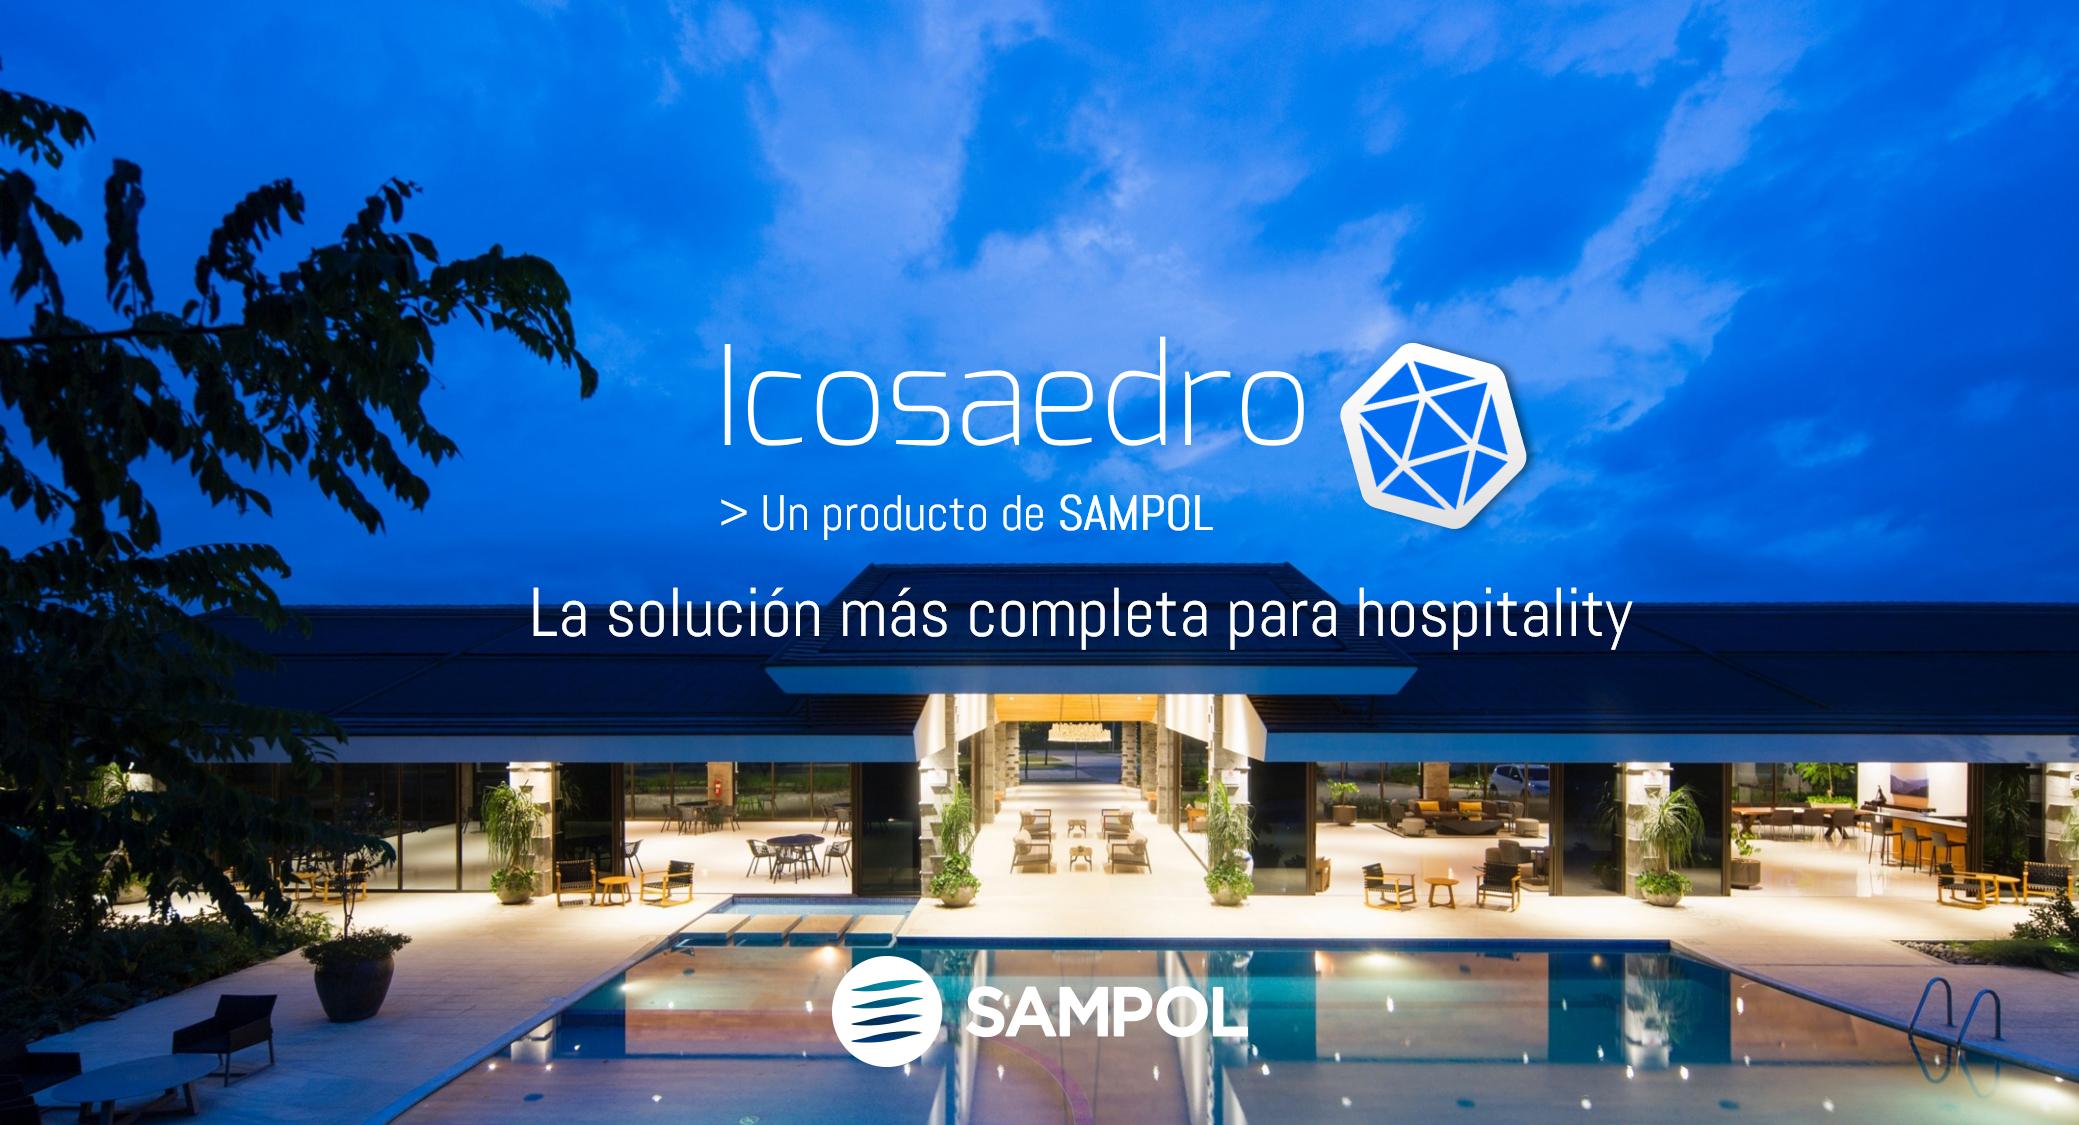 (Español) GRUPO SAMPOL LANZA EN FITUR 2020 LA INNOVADORA PLATAFORMA DE GESTIÓN HOTELERA 'ICOSAEDRO'